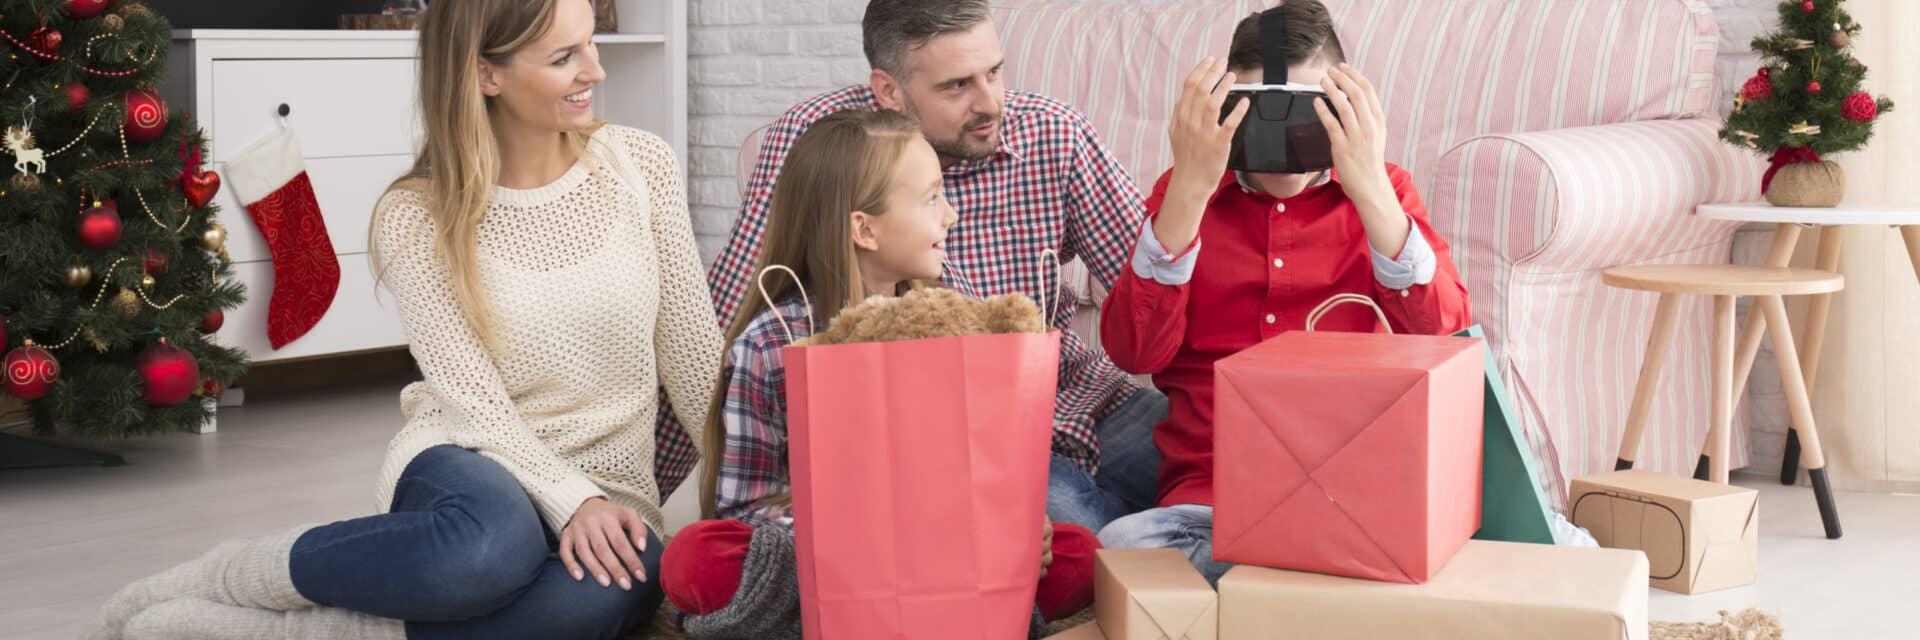 Strom sparen zu Weihnachten: Familie bei der Bescherung